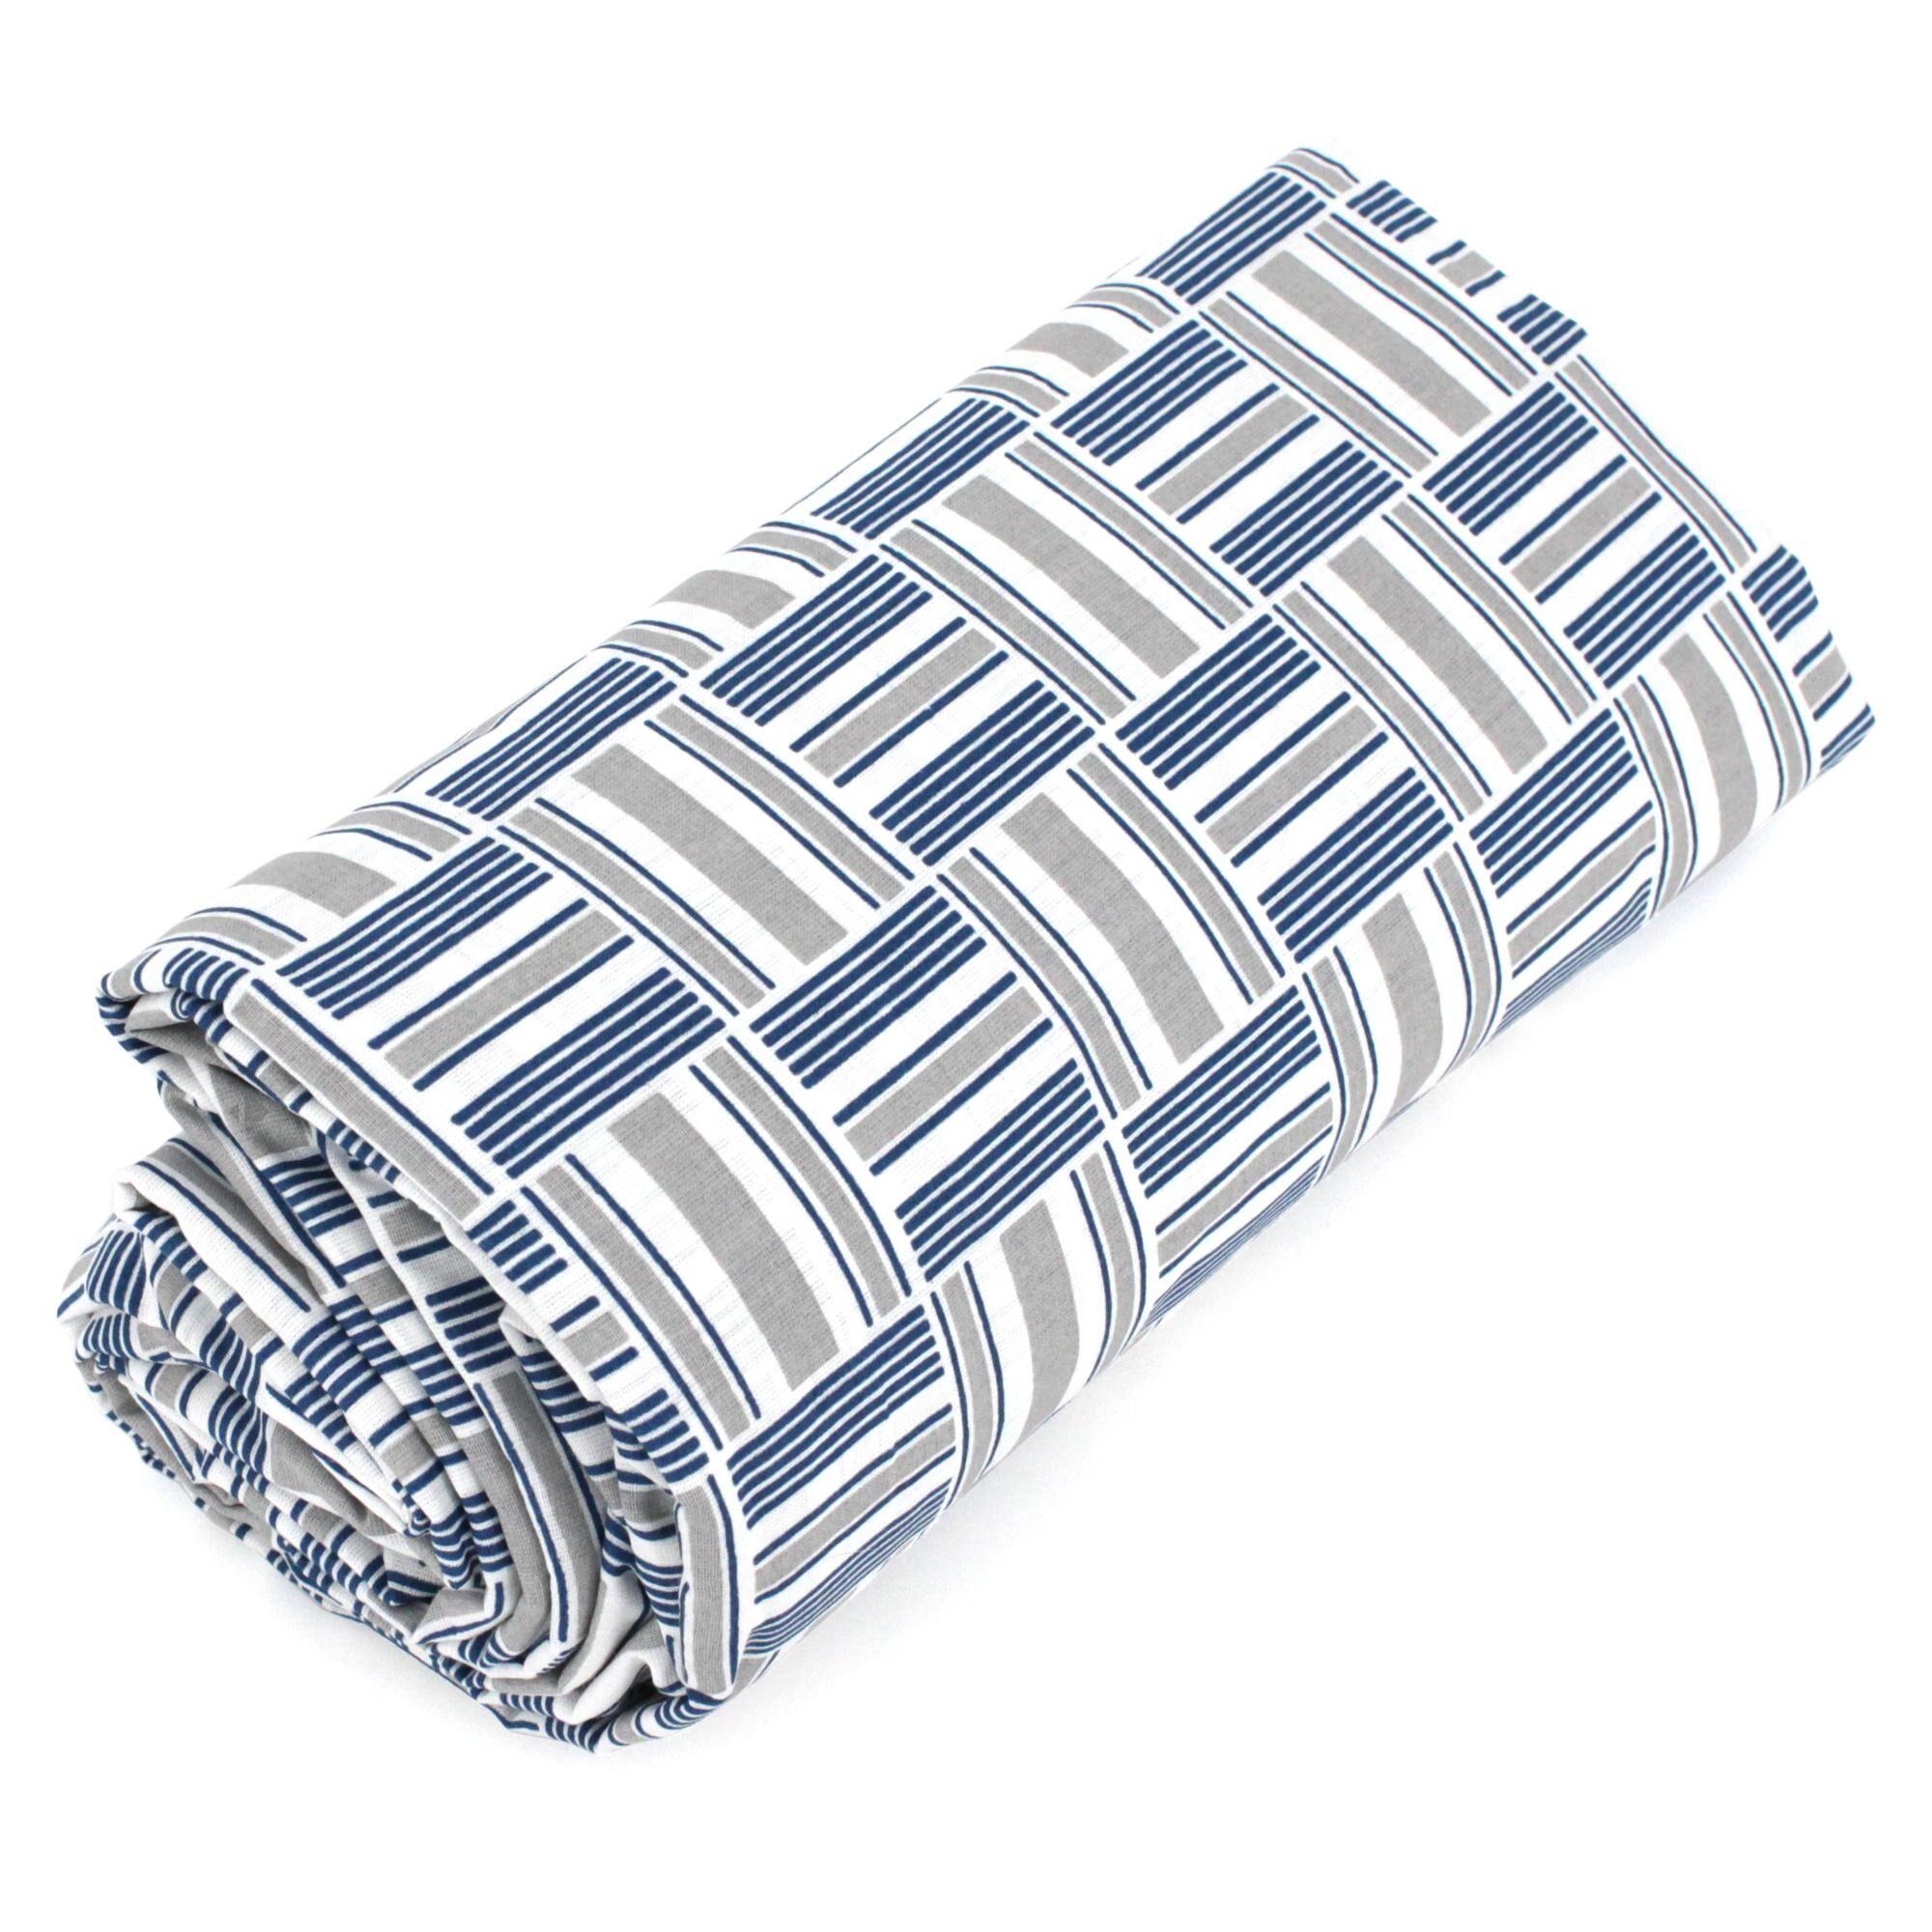 Linnea Drap housse imprimé 80x200 cm 100% coton DIEGO bleu baltique Bonnet 40 cm